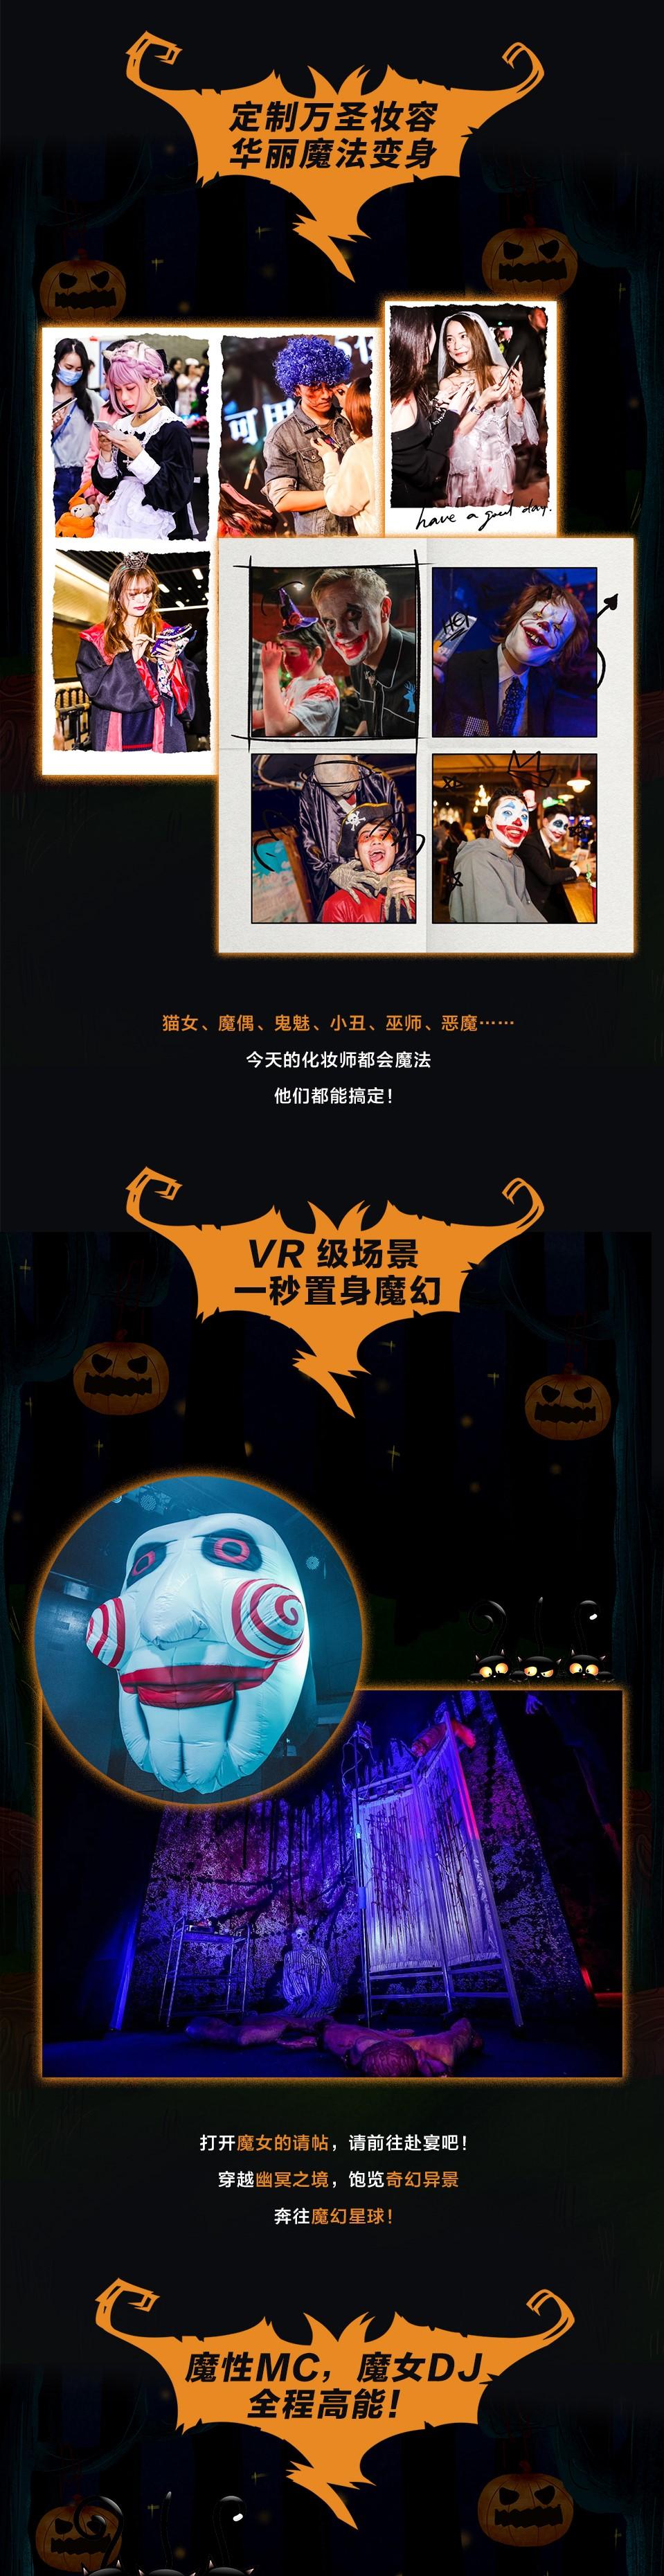 """2021万圣节""""魔女惊魂""""变装惊悚派对—奇幻变身,重获新生-宁波站"""